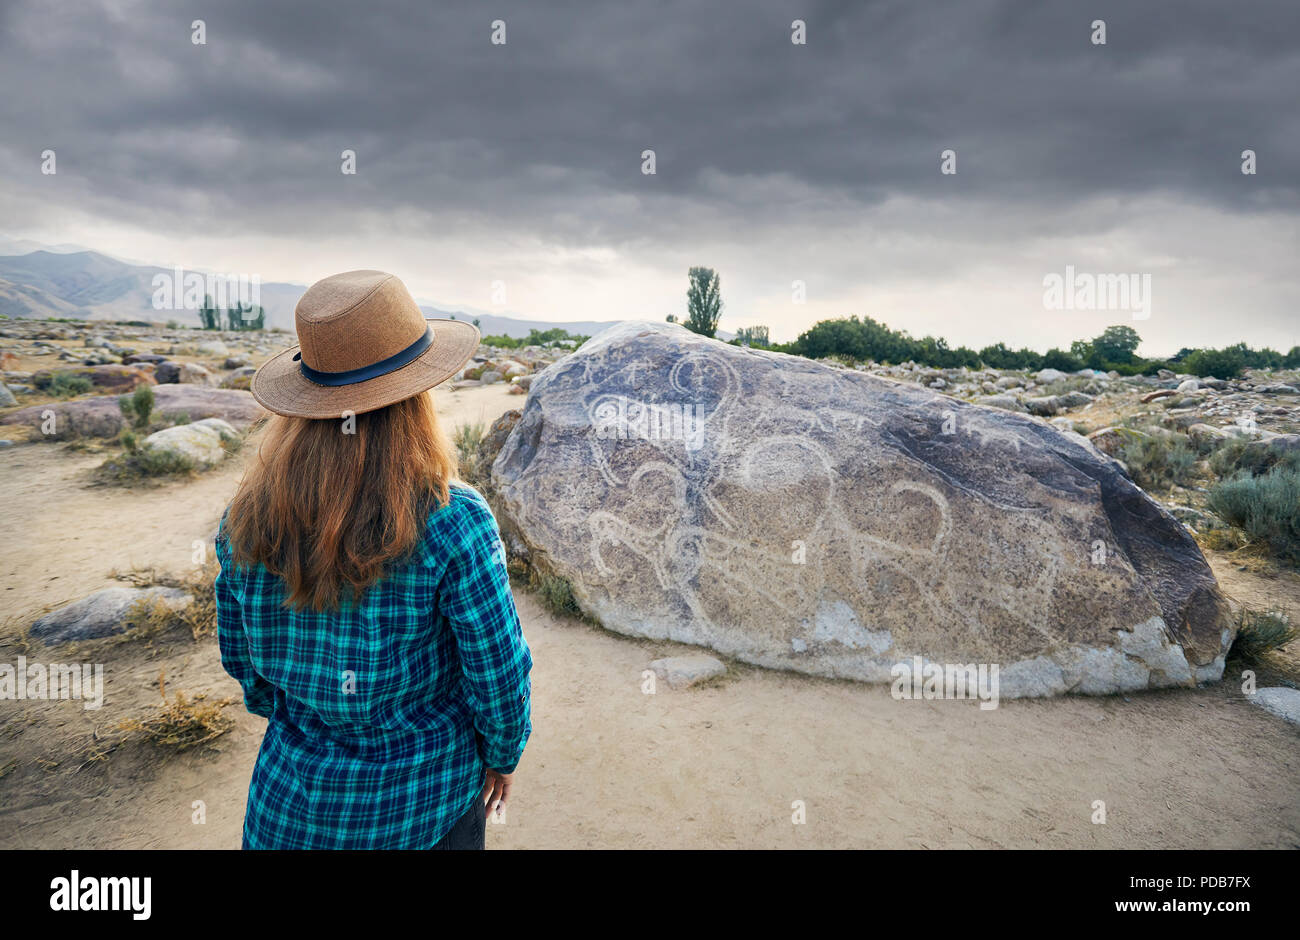 Frau mit Hut im blauen Hemd im Freilichtmuseum in der Nähe von Stone mit alten petroglyph von Ziegen in Kirgisistan. Kultur Heritage Museum. Stockbild